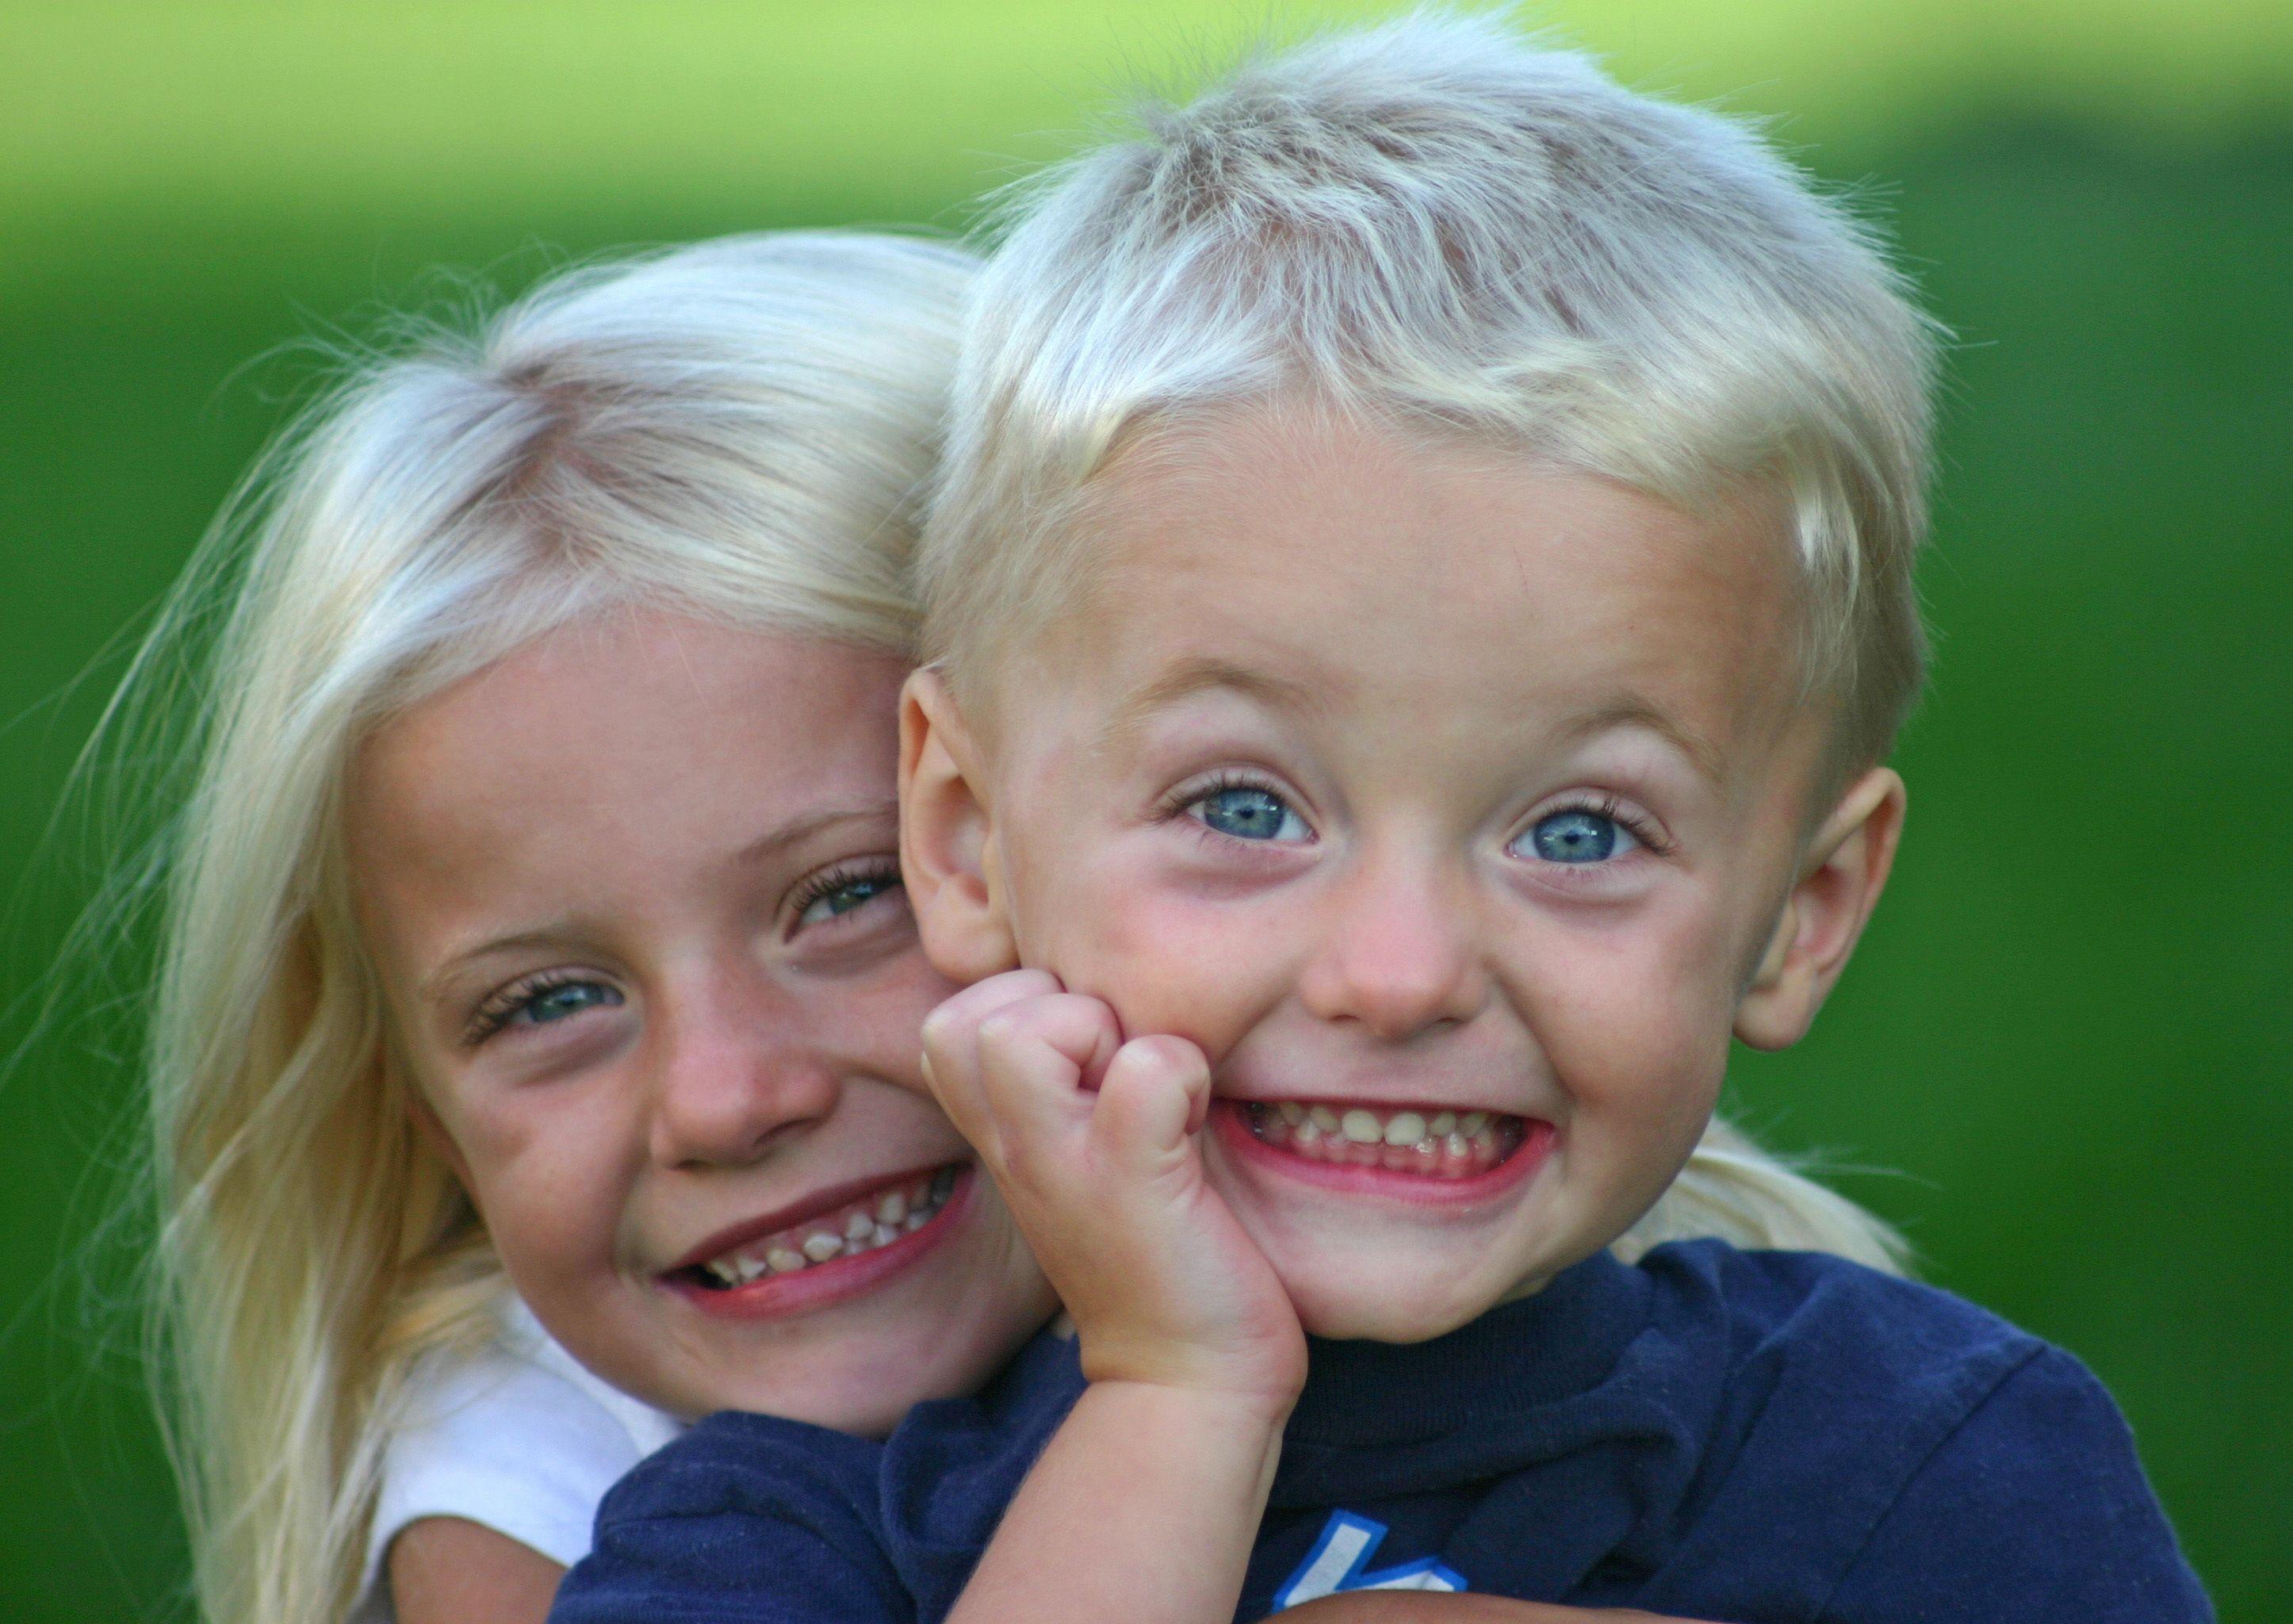 Все фото дети с белыми волосами